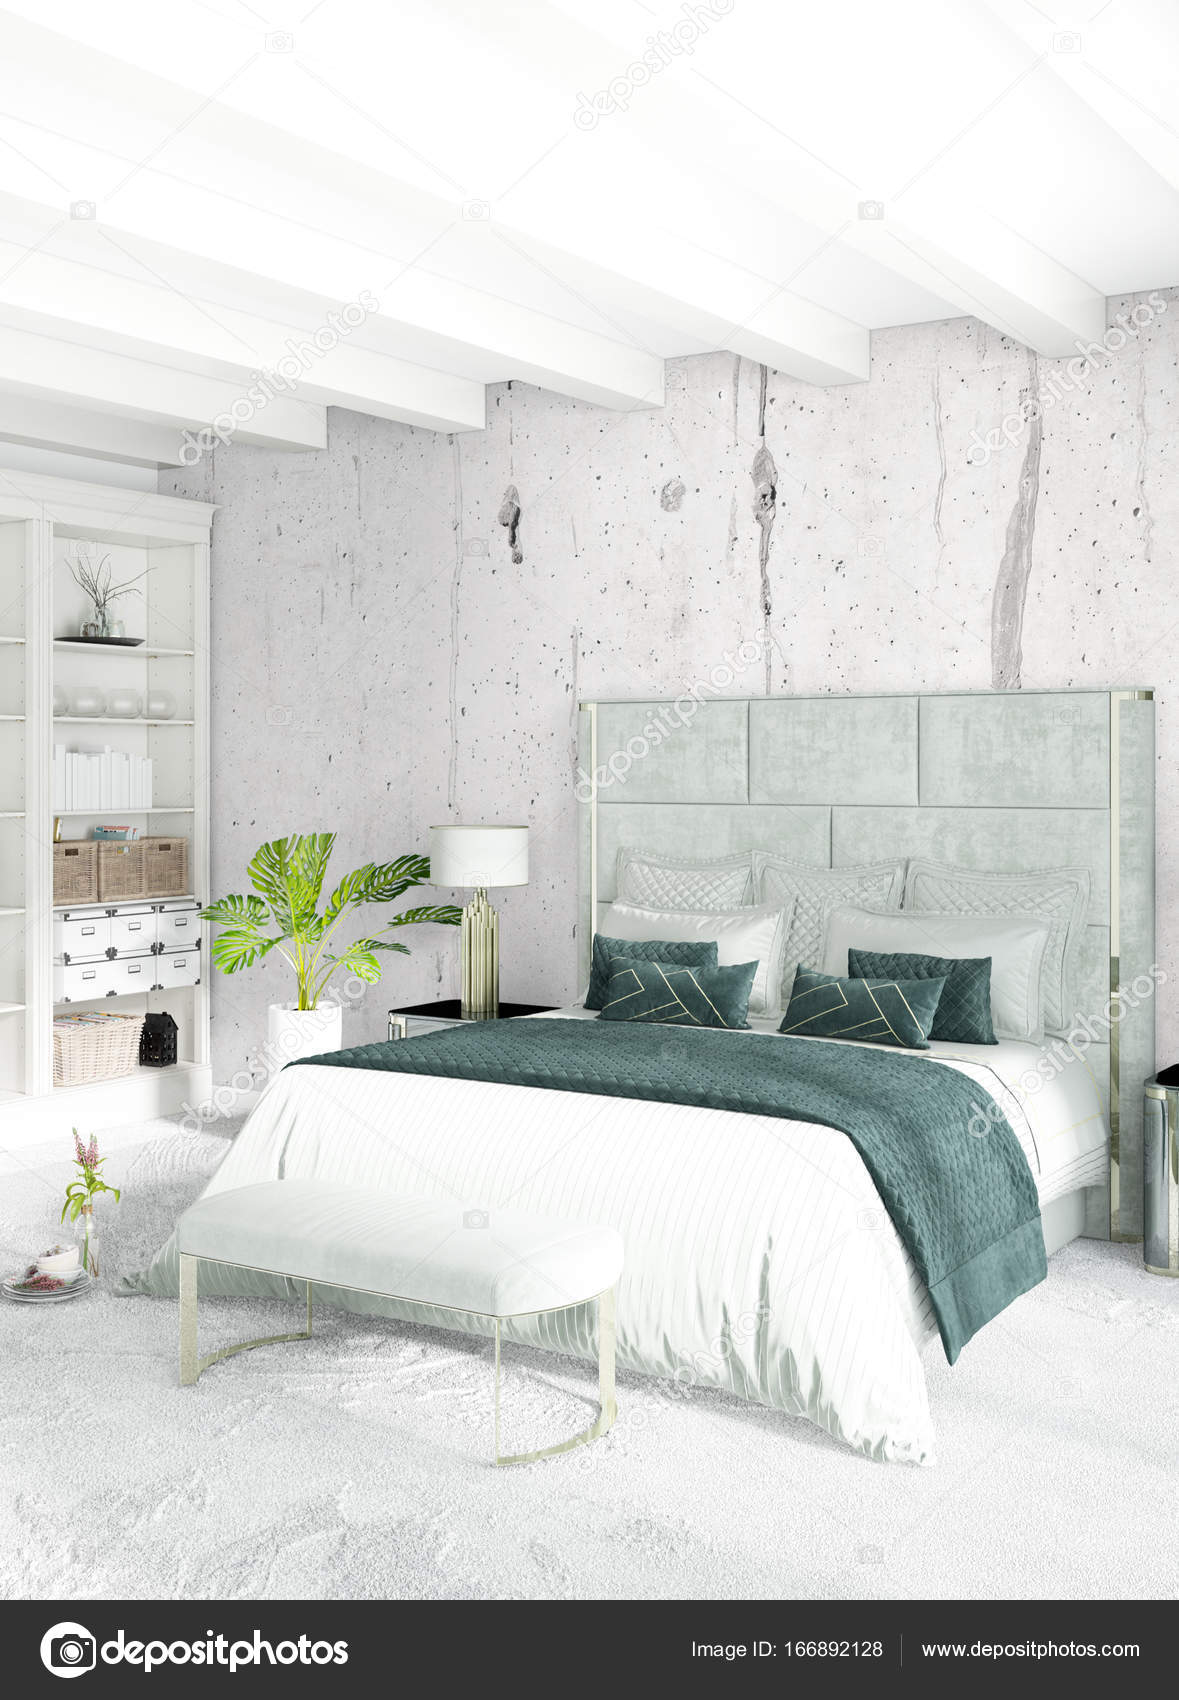 Schlafzimmer Minimalistisch | Weisse Schlafzimmer Minimalistischen Stil Raumgestaltung Mit Holz